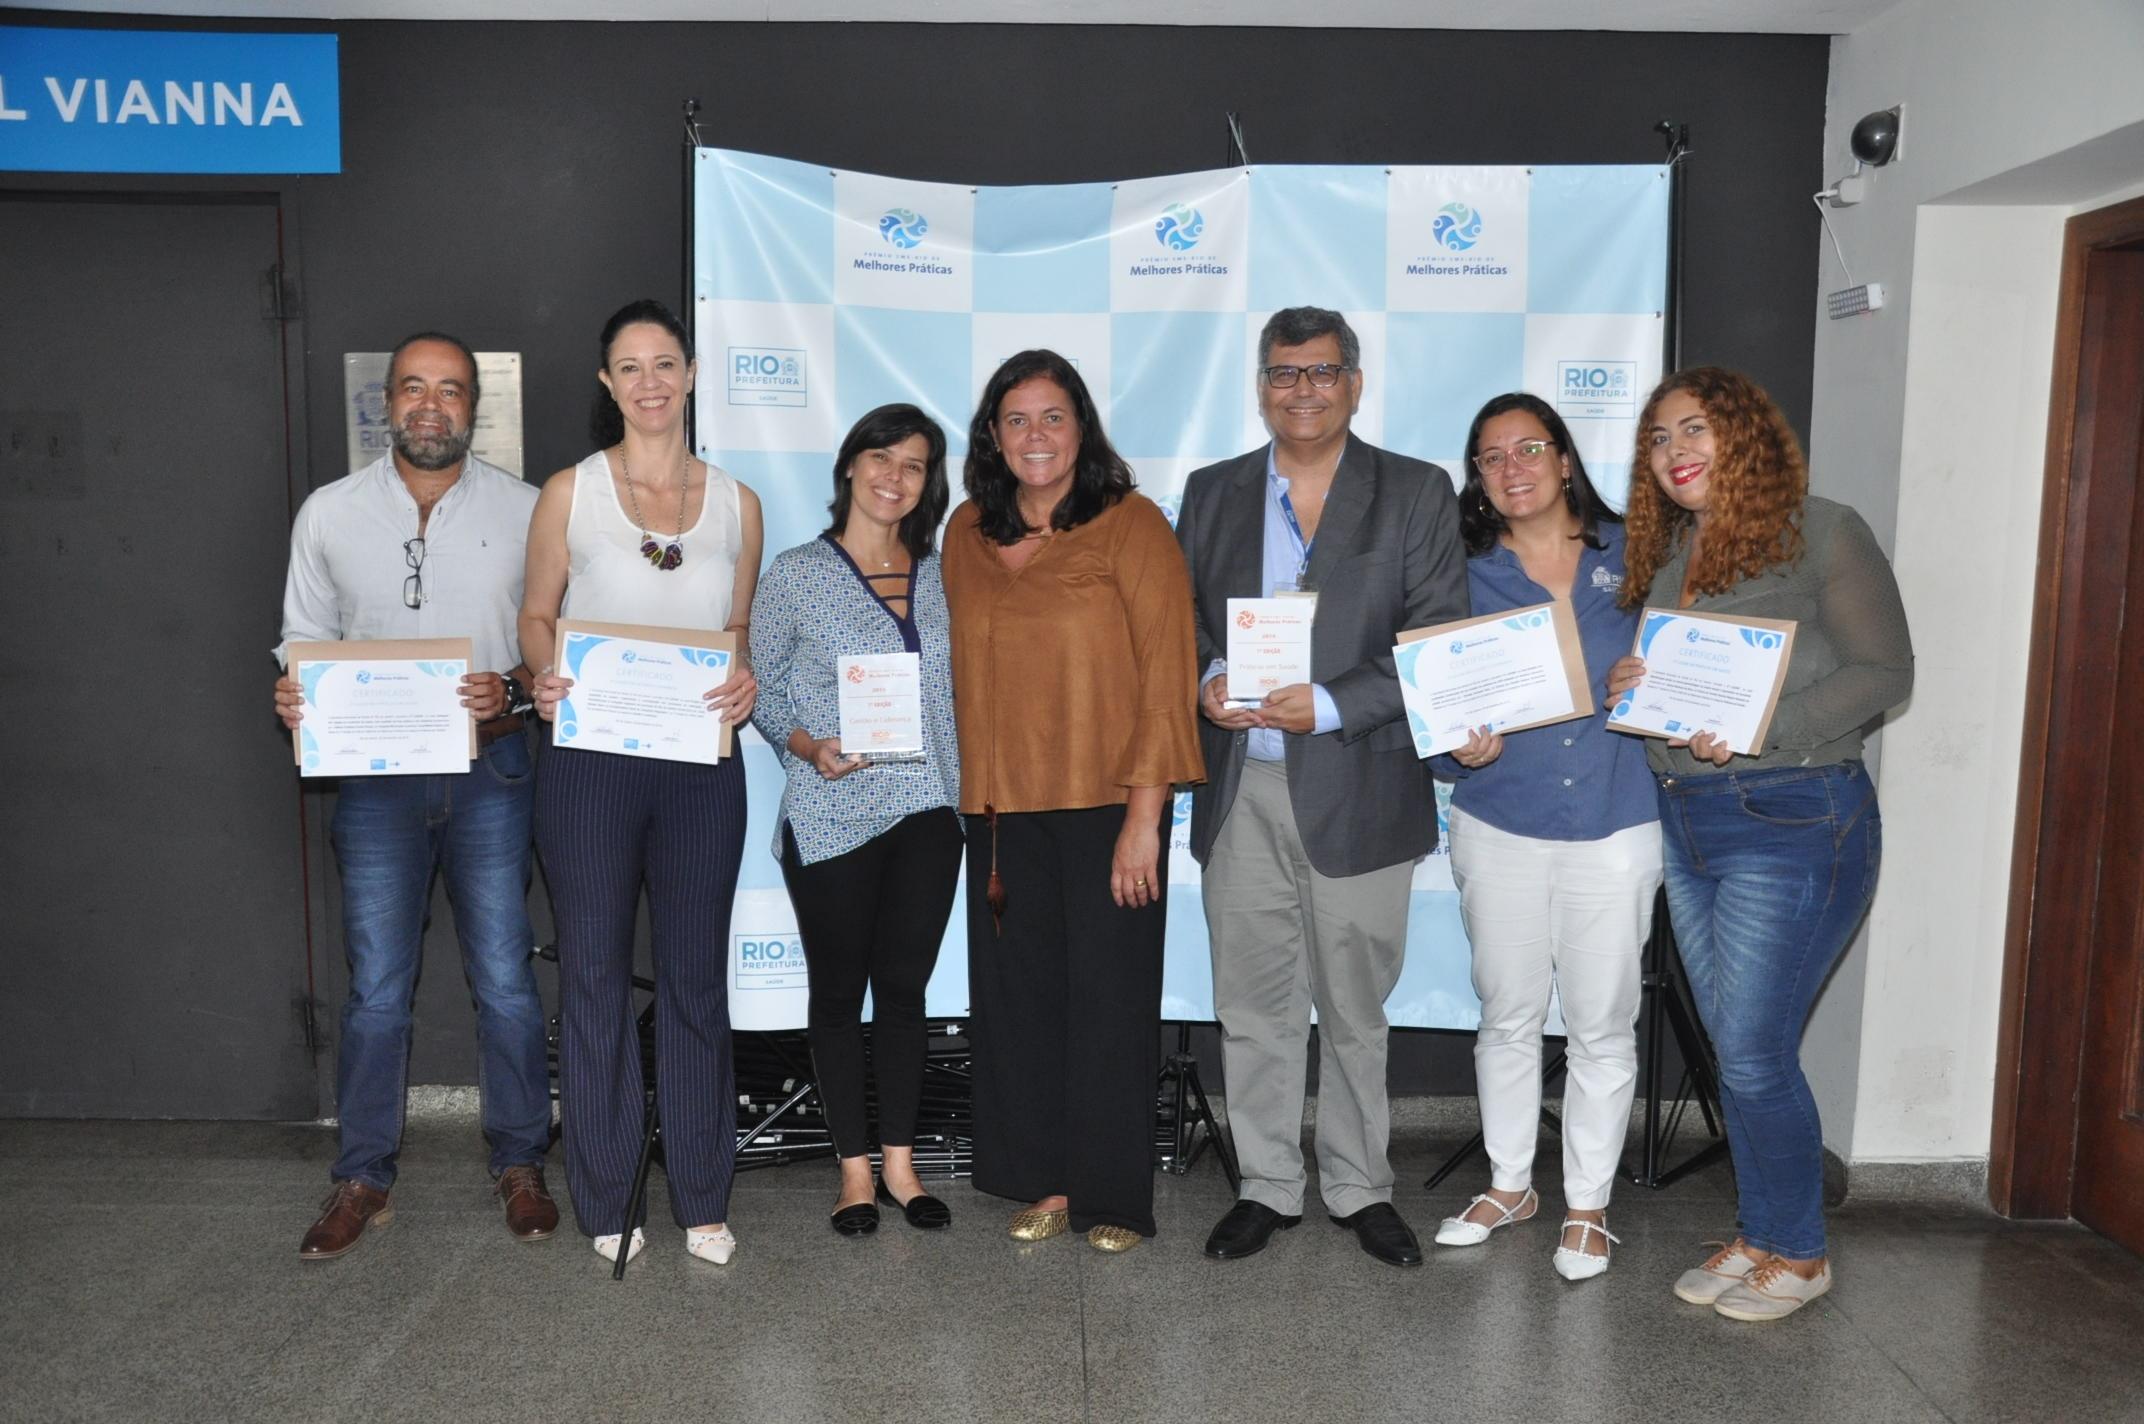 Secretaria de Saúde entrega Prêmio Melhores Práticas